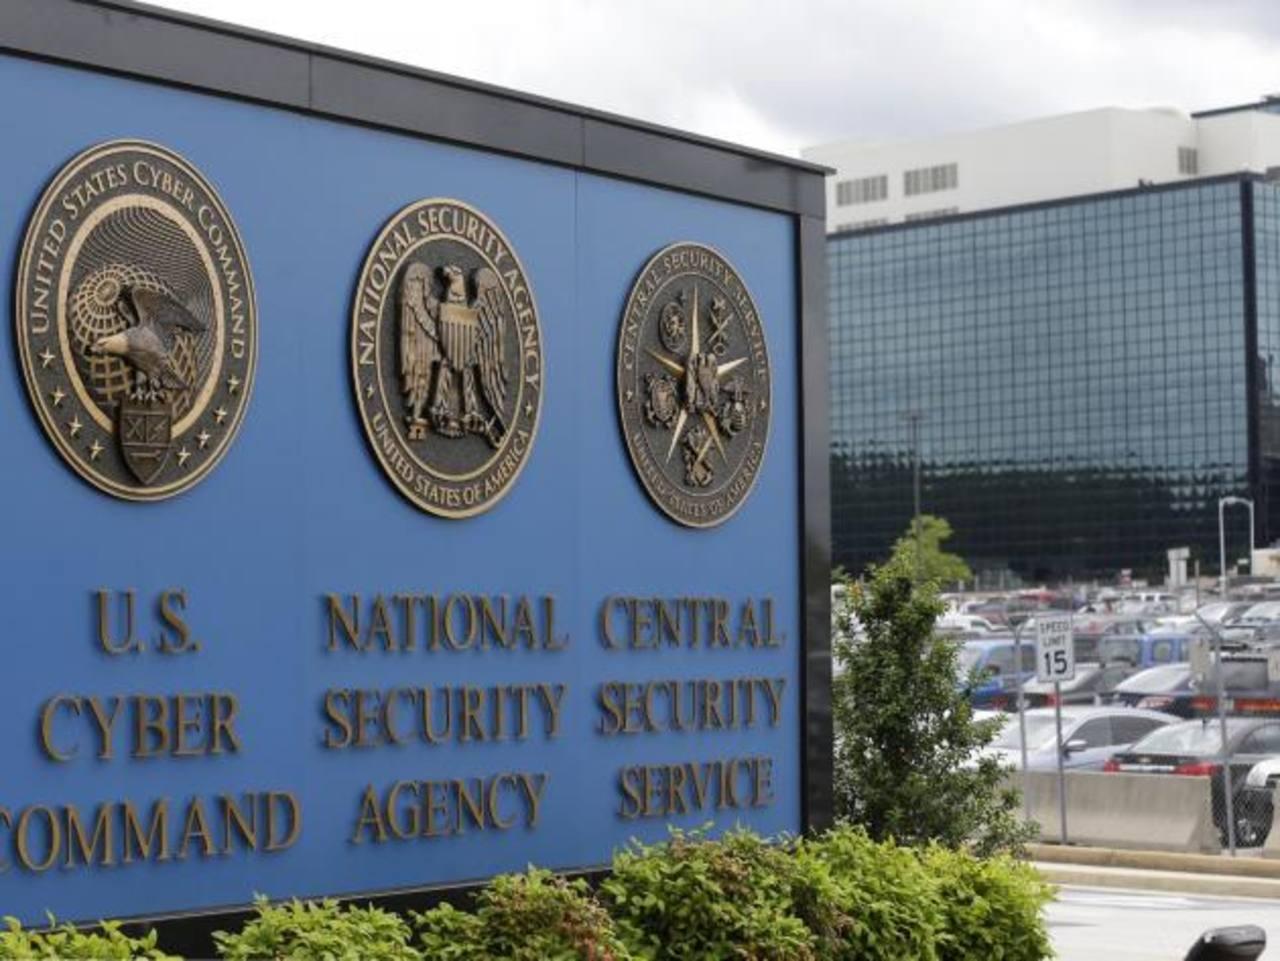 La agencia utiliza programas para recopilar datos de estadounidenses dentro y fuera de EE. UU. así como de ciudadanos de otros países, según las revelaciones de Snowden. foto edh /archivo